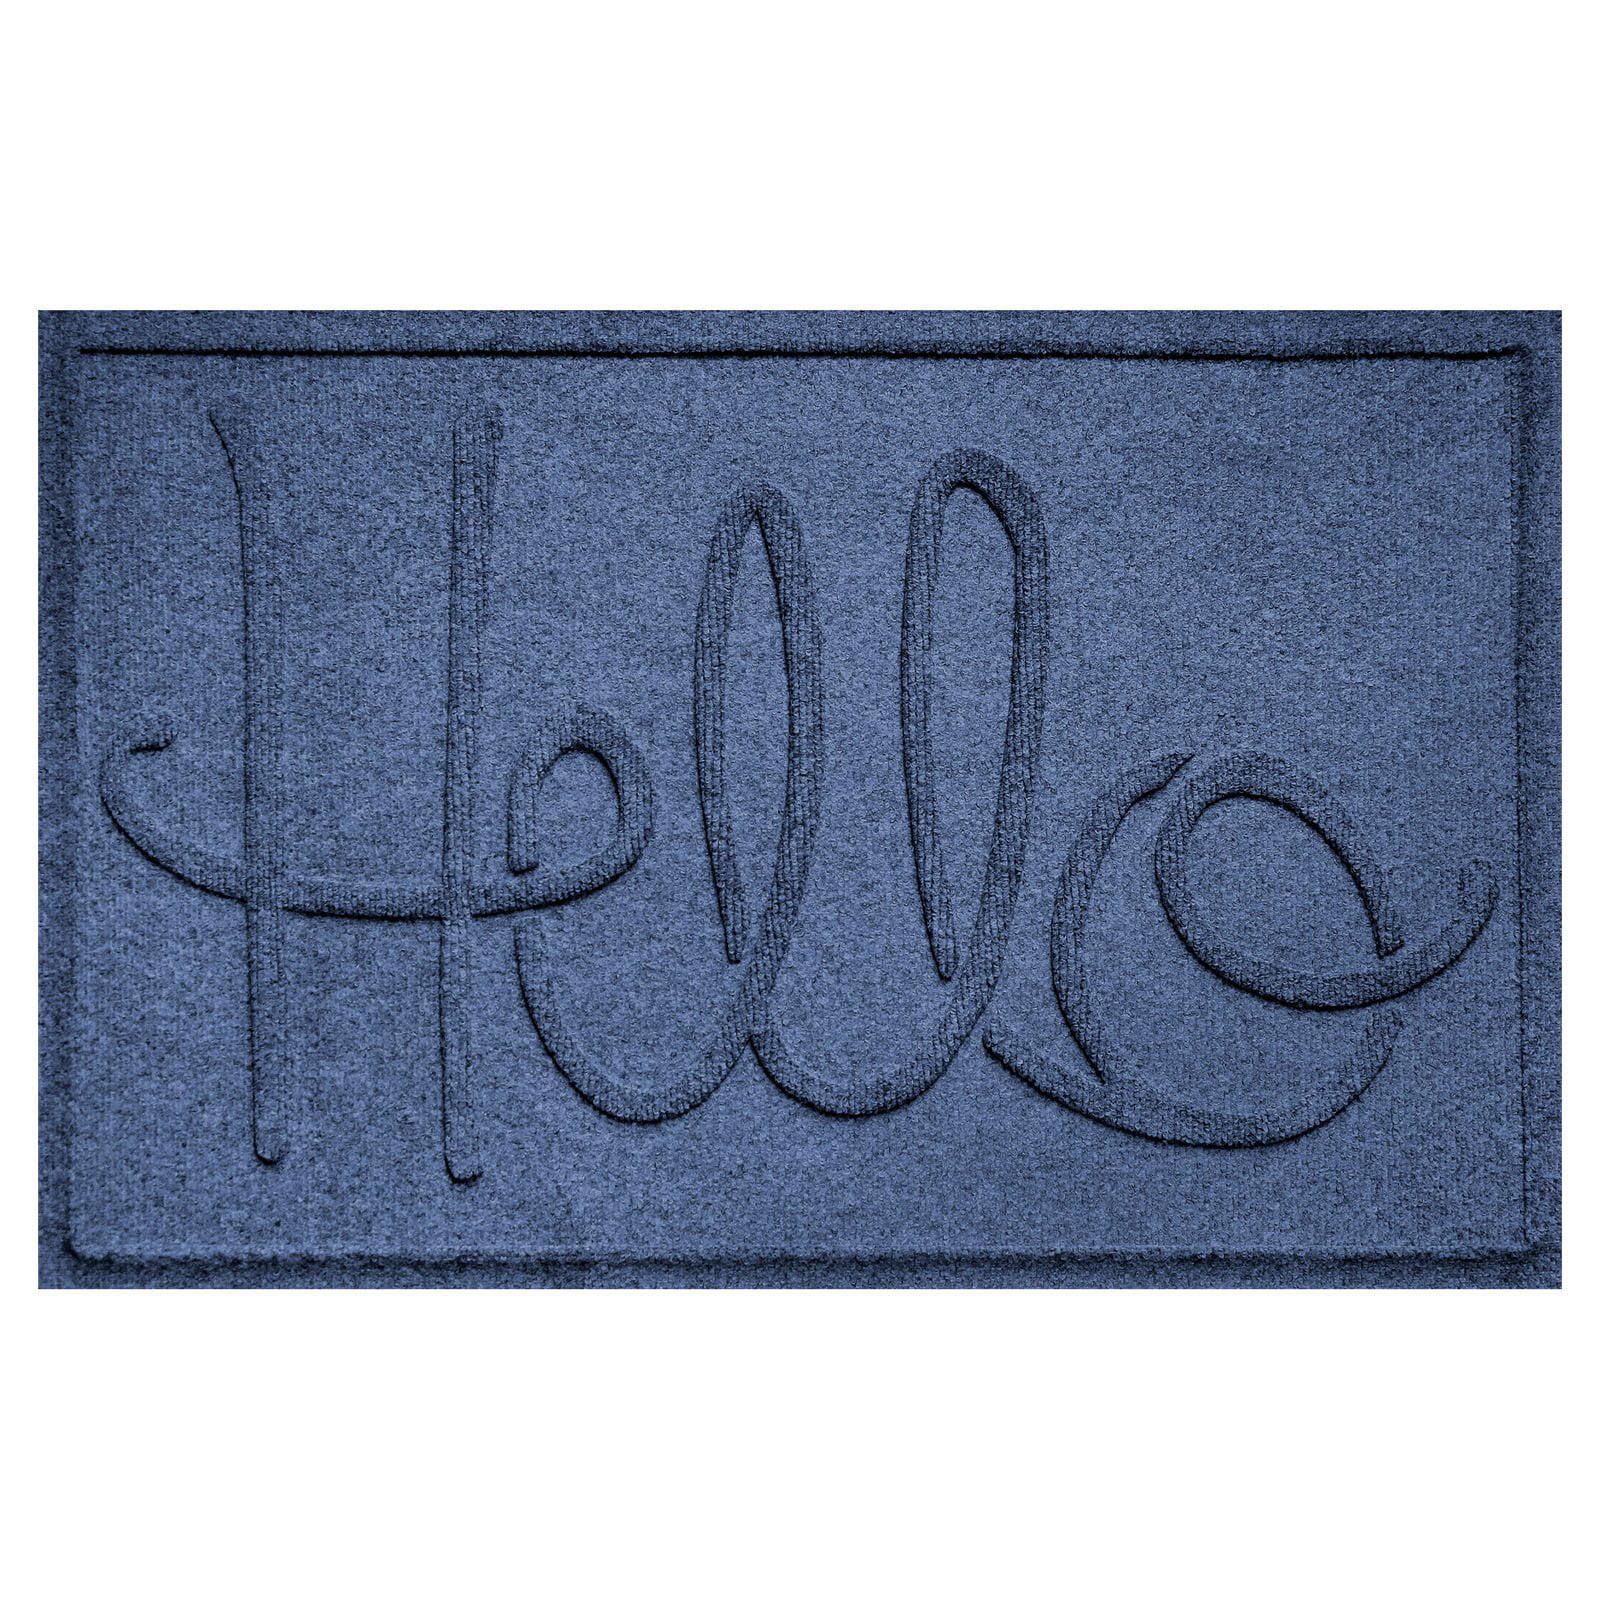 Bungalow Flooring Hello Doormat by Bungalow Flooring